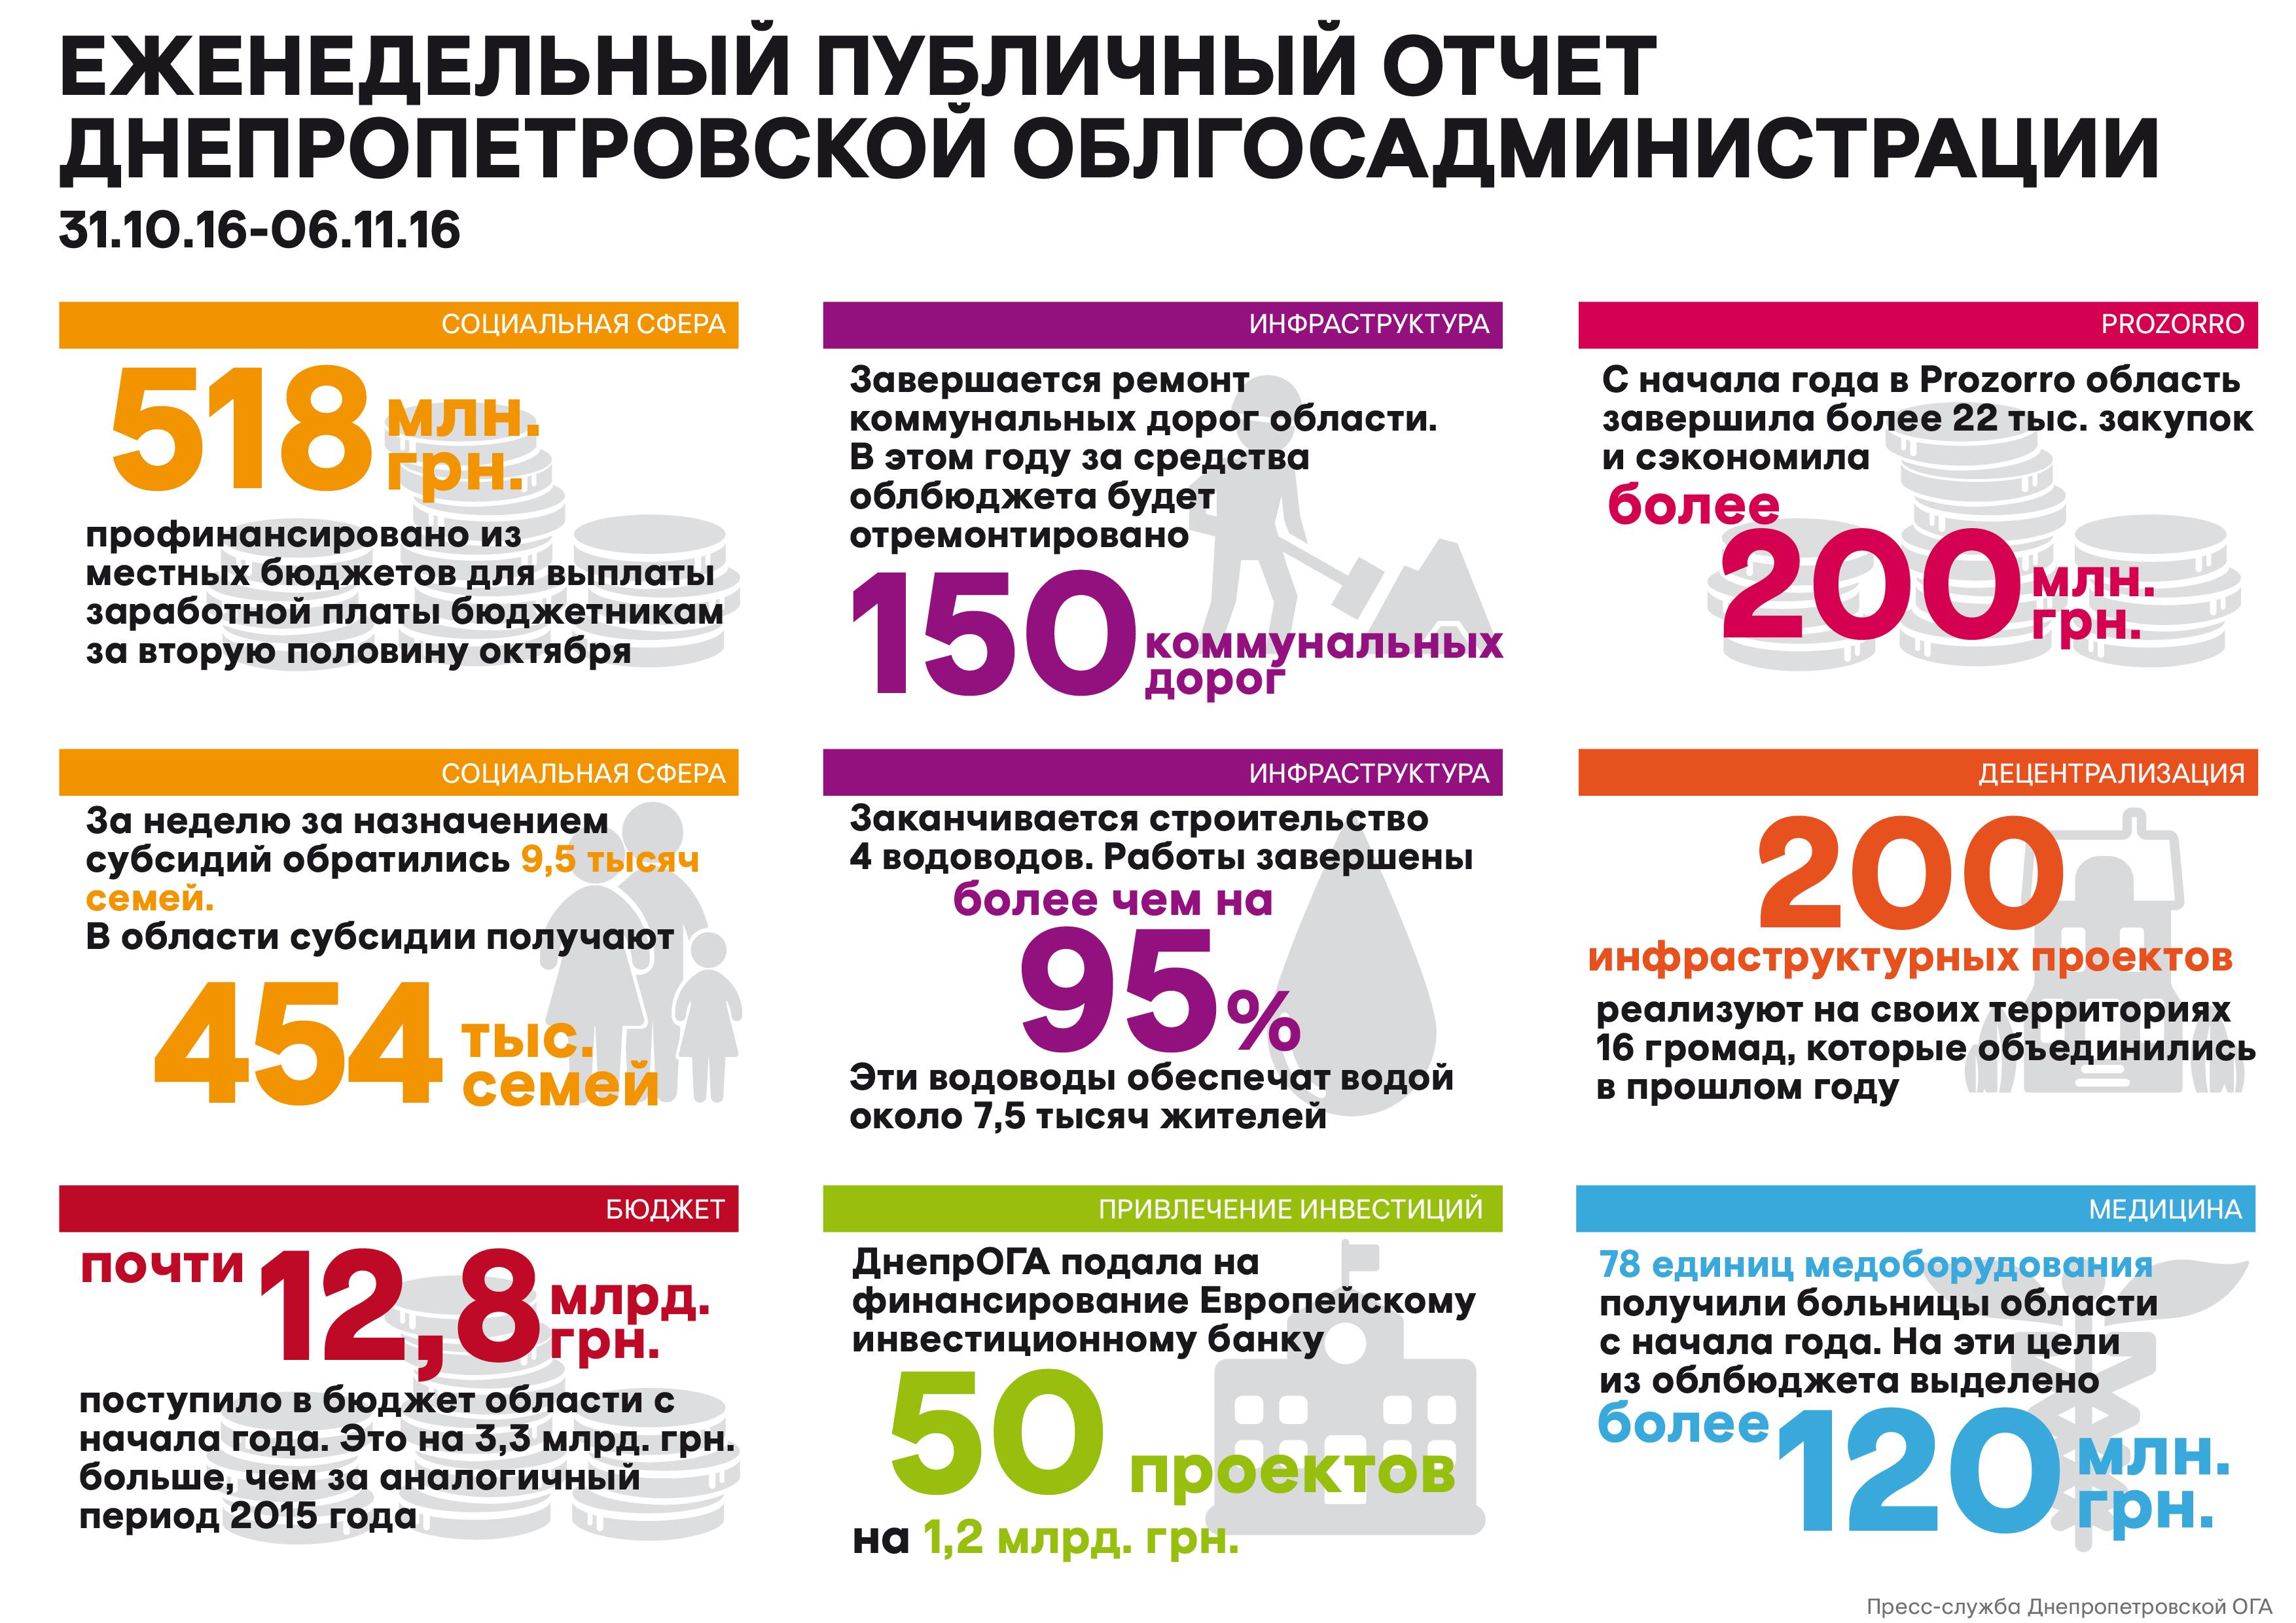 Недельный_отчет_07.11.16_рус_01-01